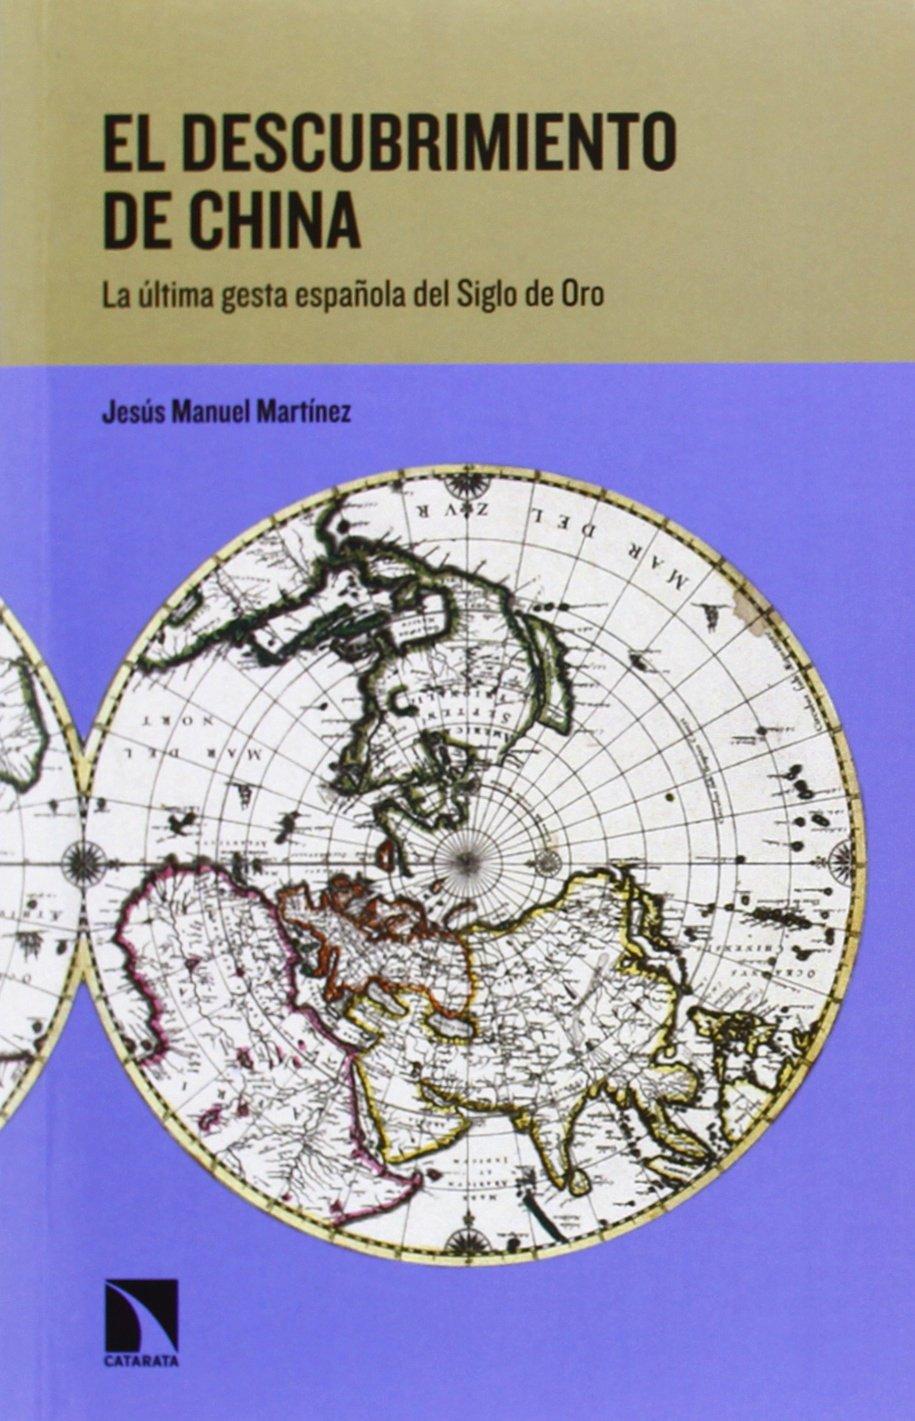 El Descubrimiento De China: La última gesta española del Siglo de Oro COLECCION MAYOR: Amazon.es: Jesús Manuel Martínez García: Libros